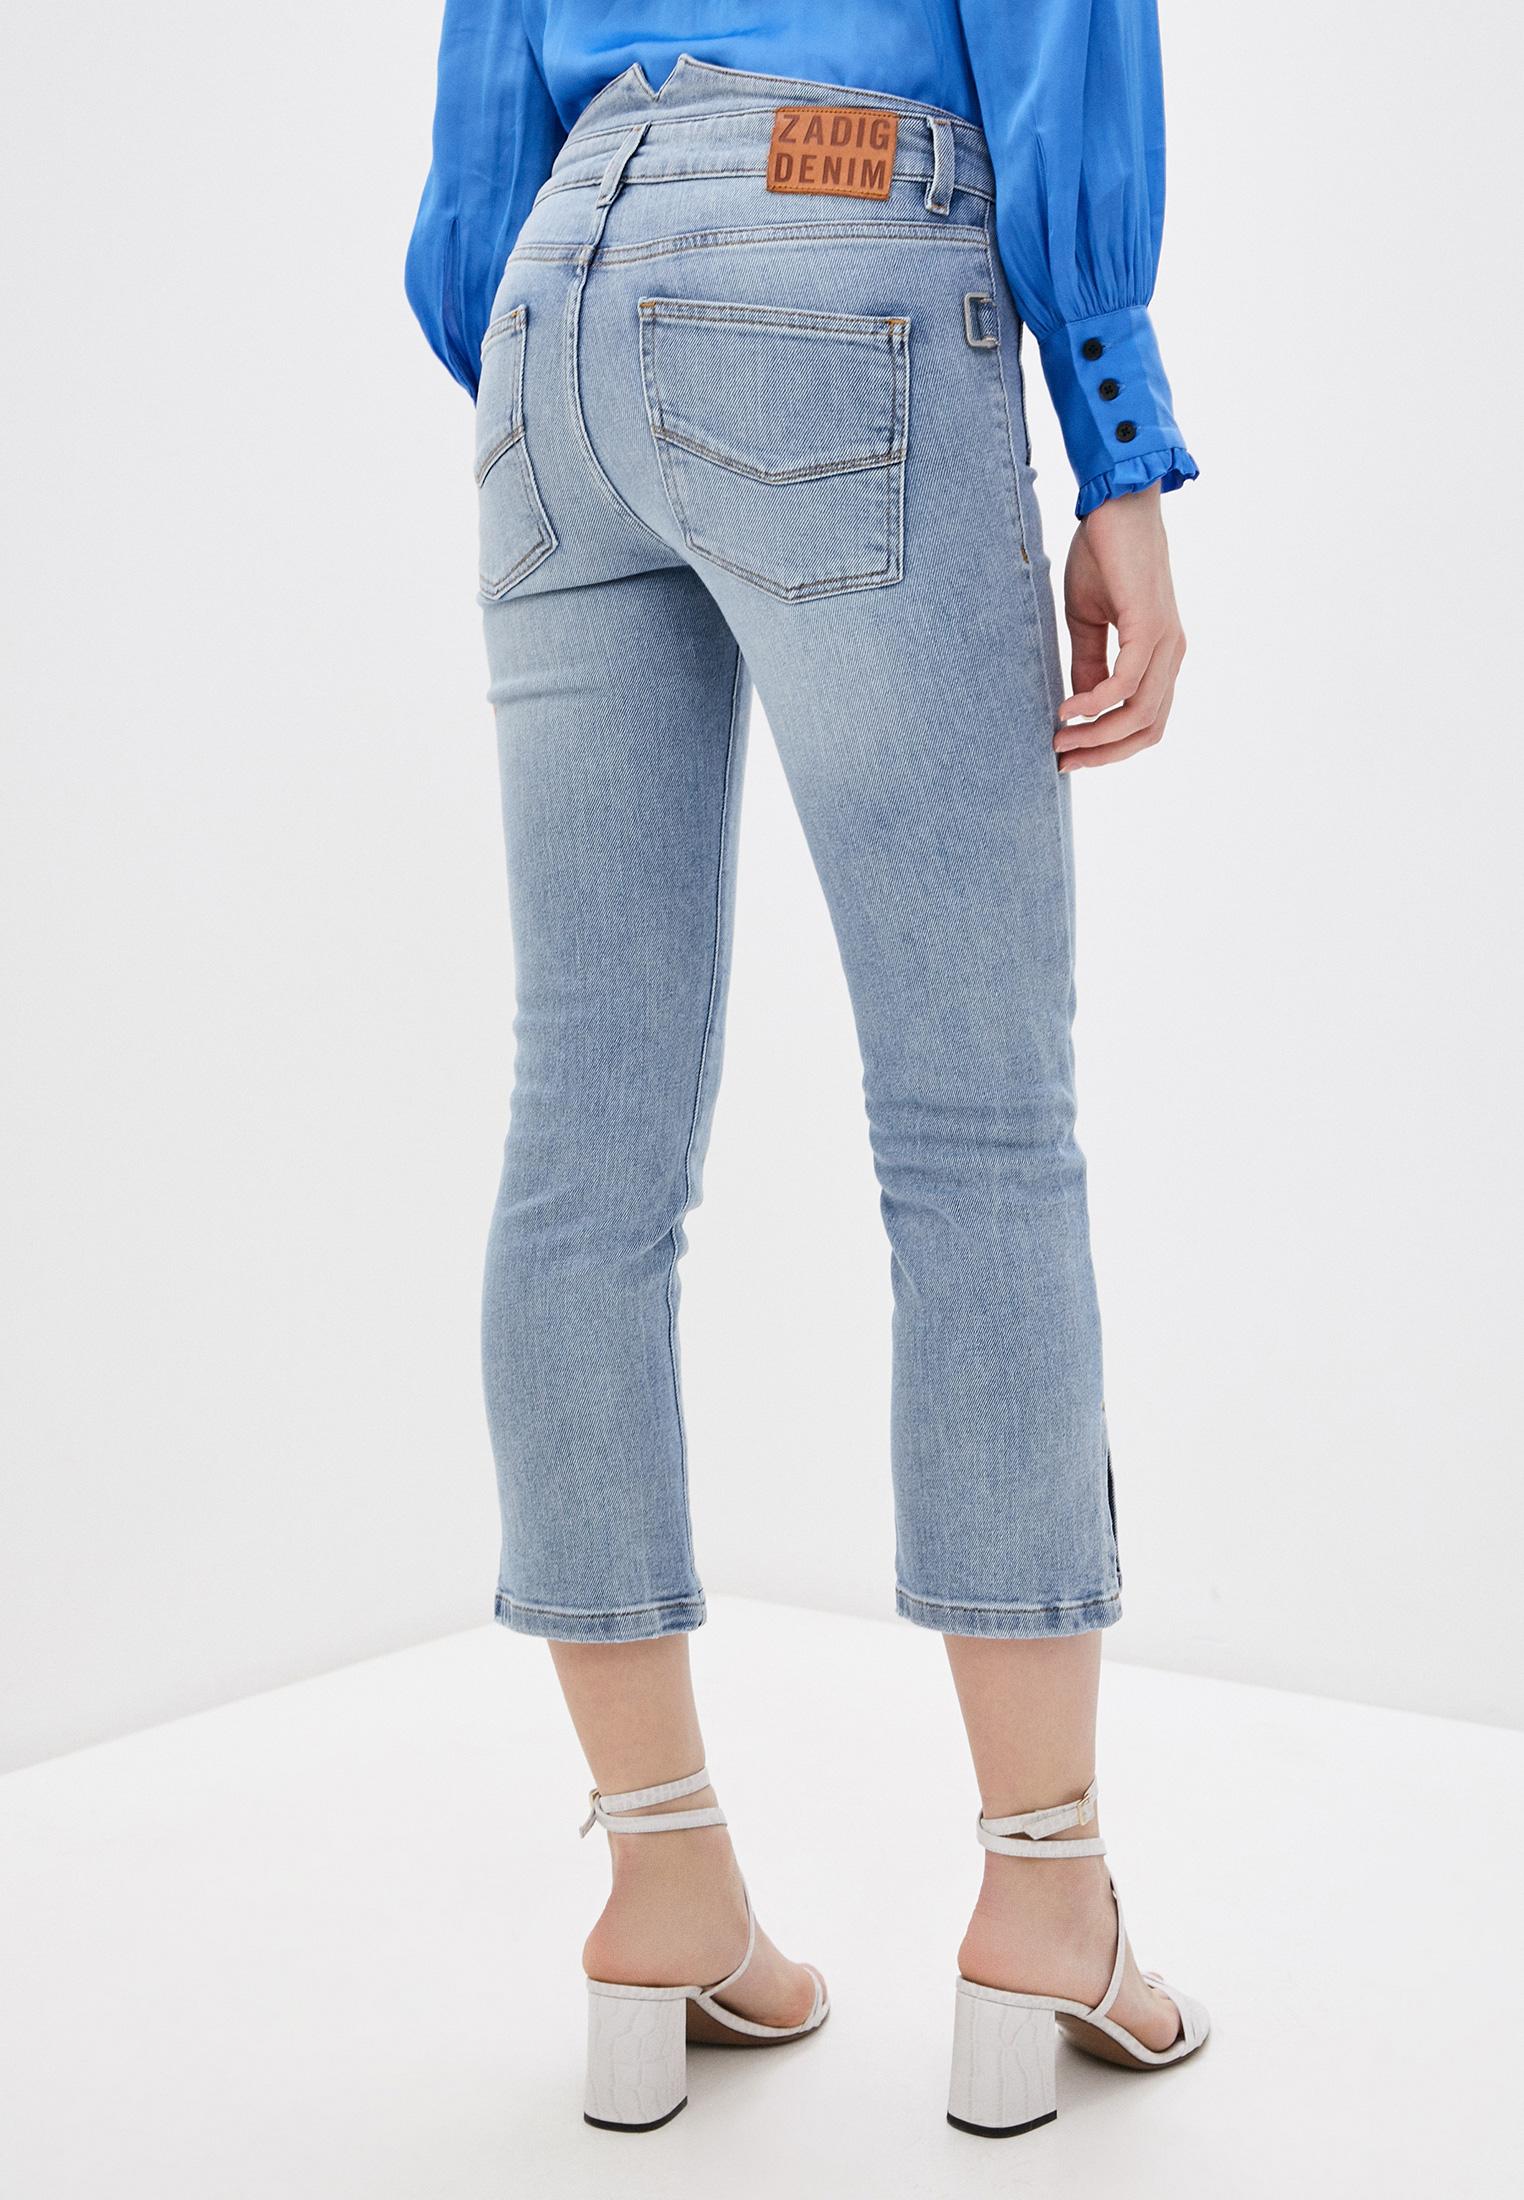 Зауженные джинсы Zadig&Voltaire SJCA3001F: изображение 4